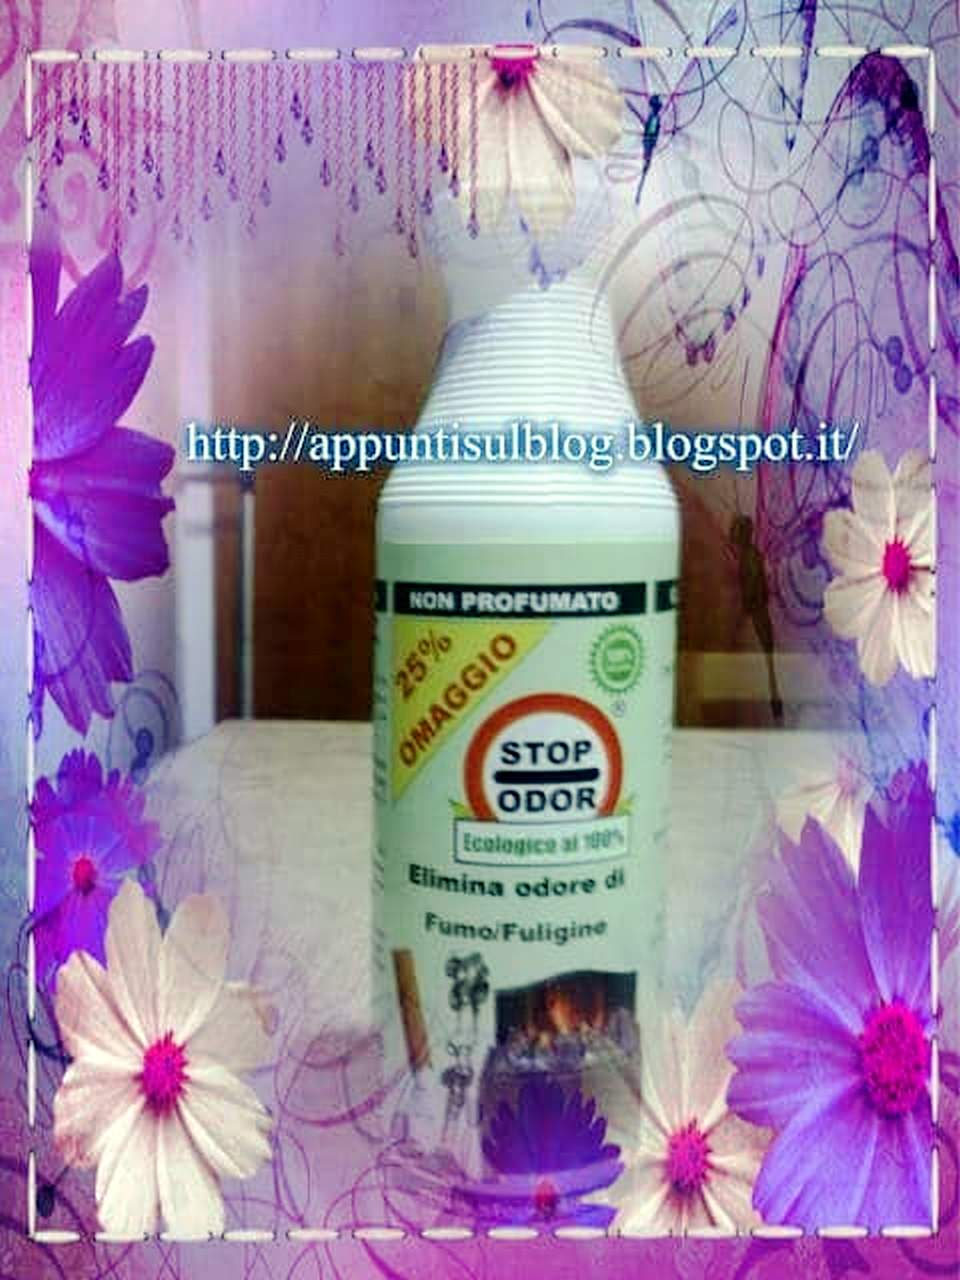 Stop-Odor, eliminiamoli in modo naturale 2 elimina odori